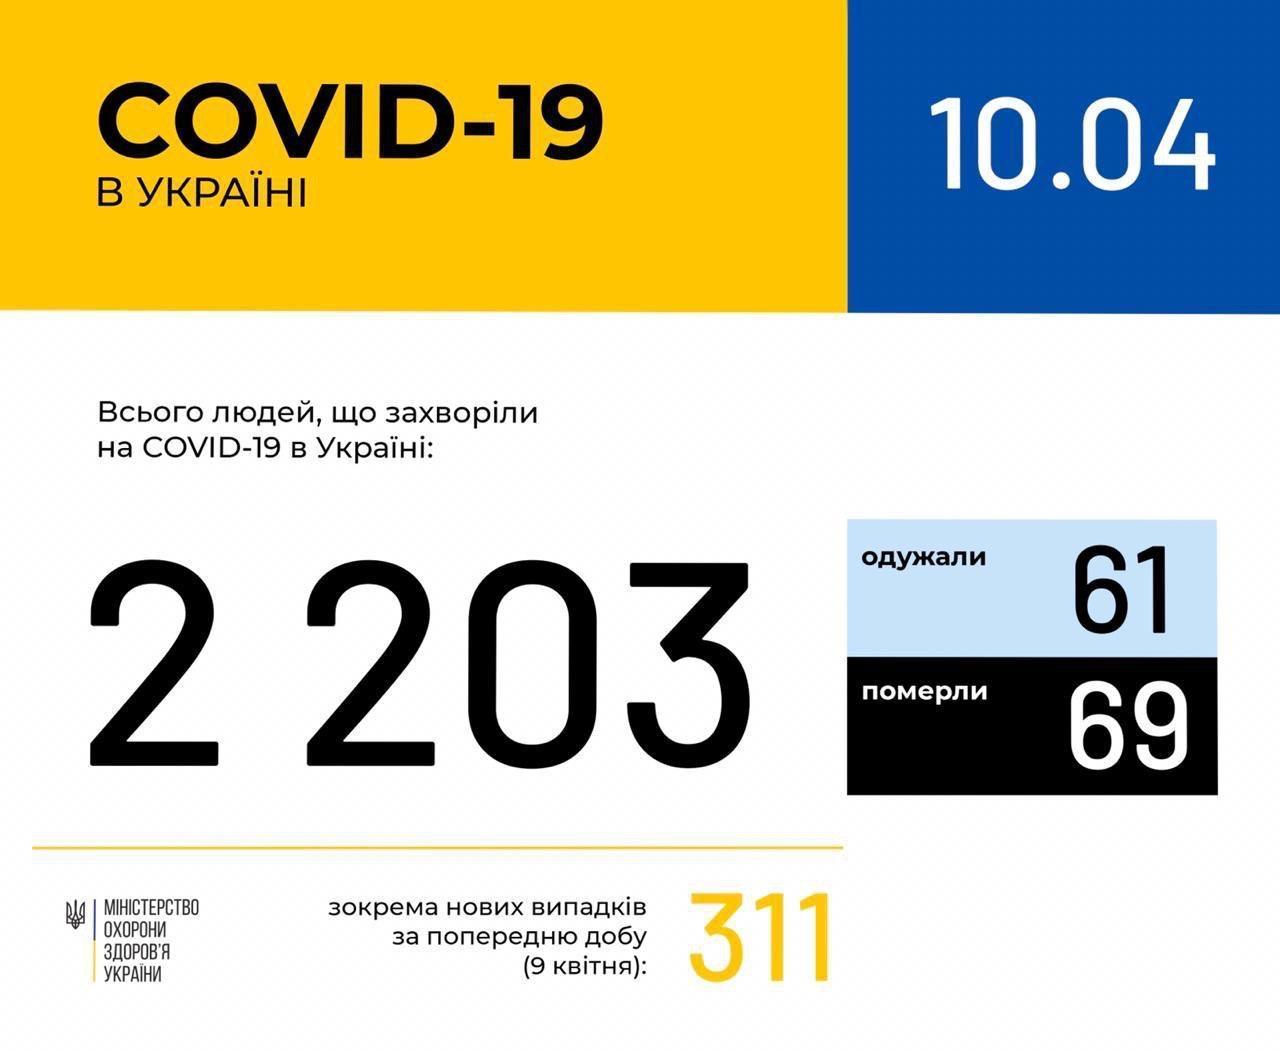 Украина зараженных коронавируса выросло до 2203 человека.